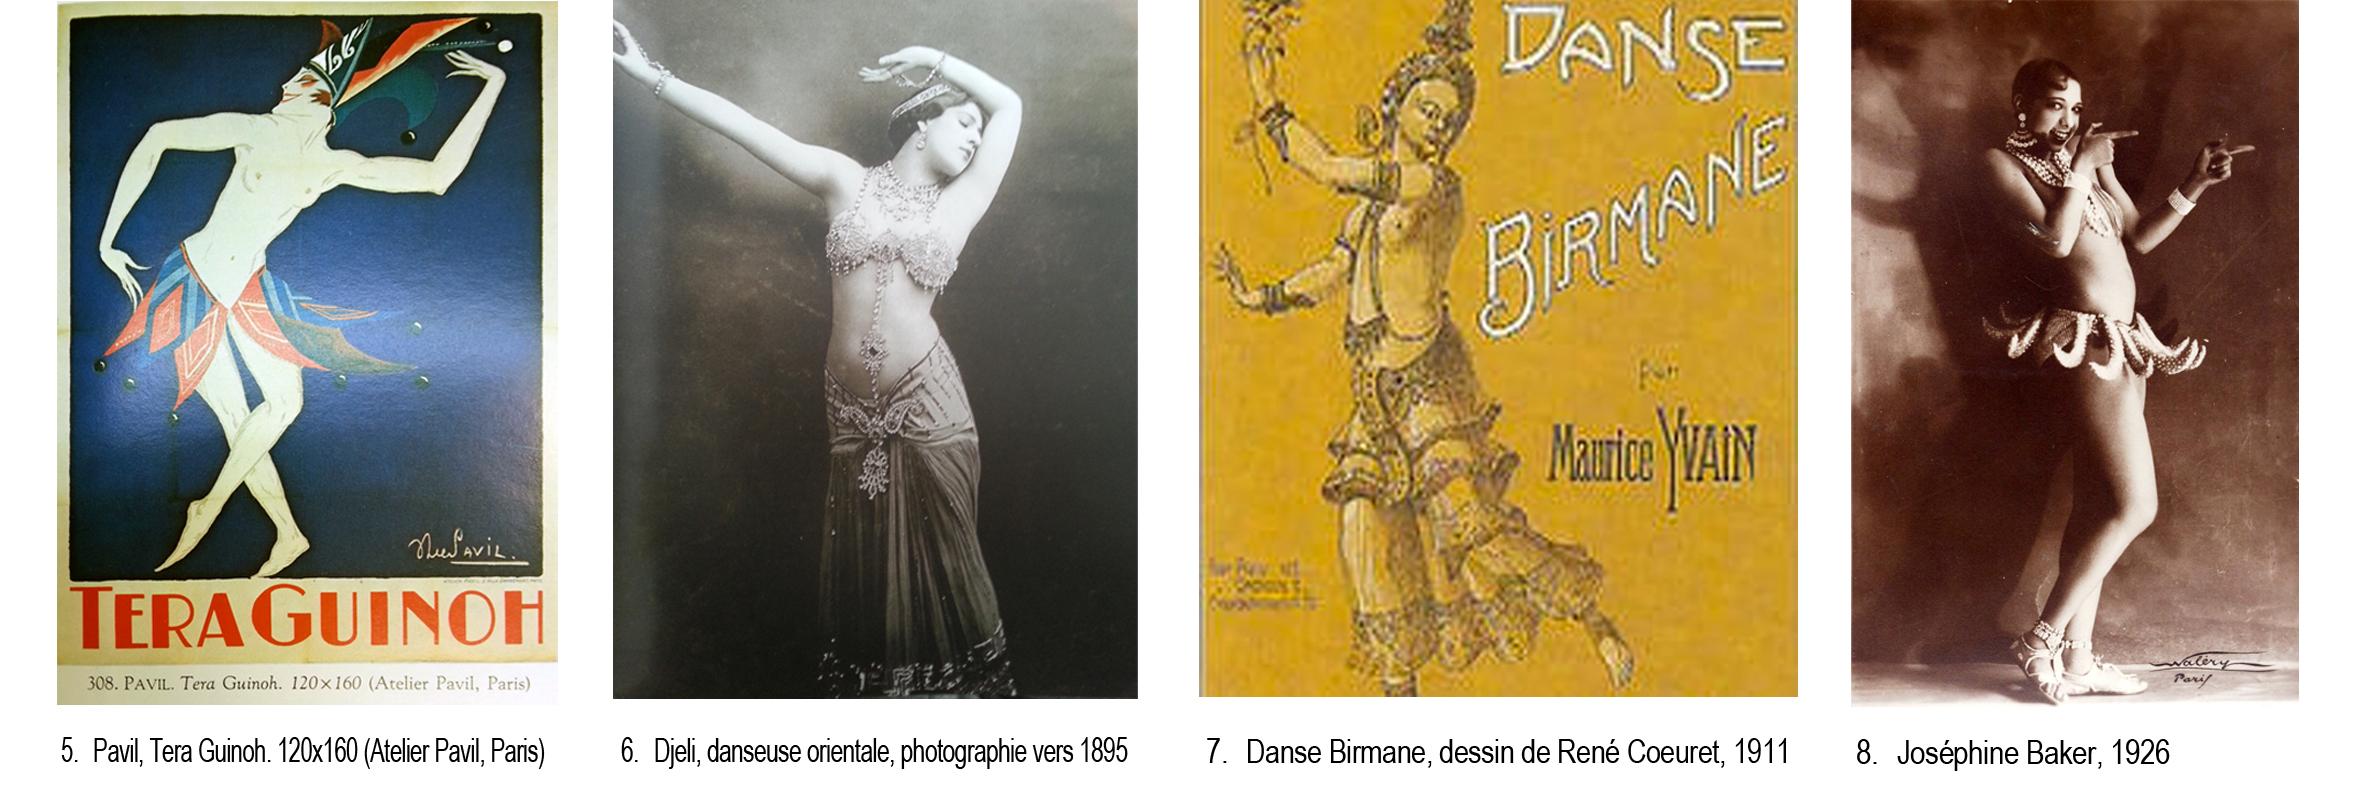 images-danses-du-ventre-pour-web.jpg